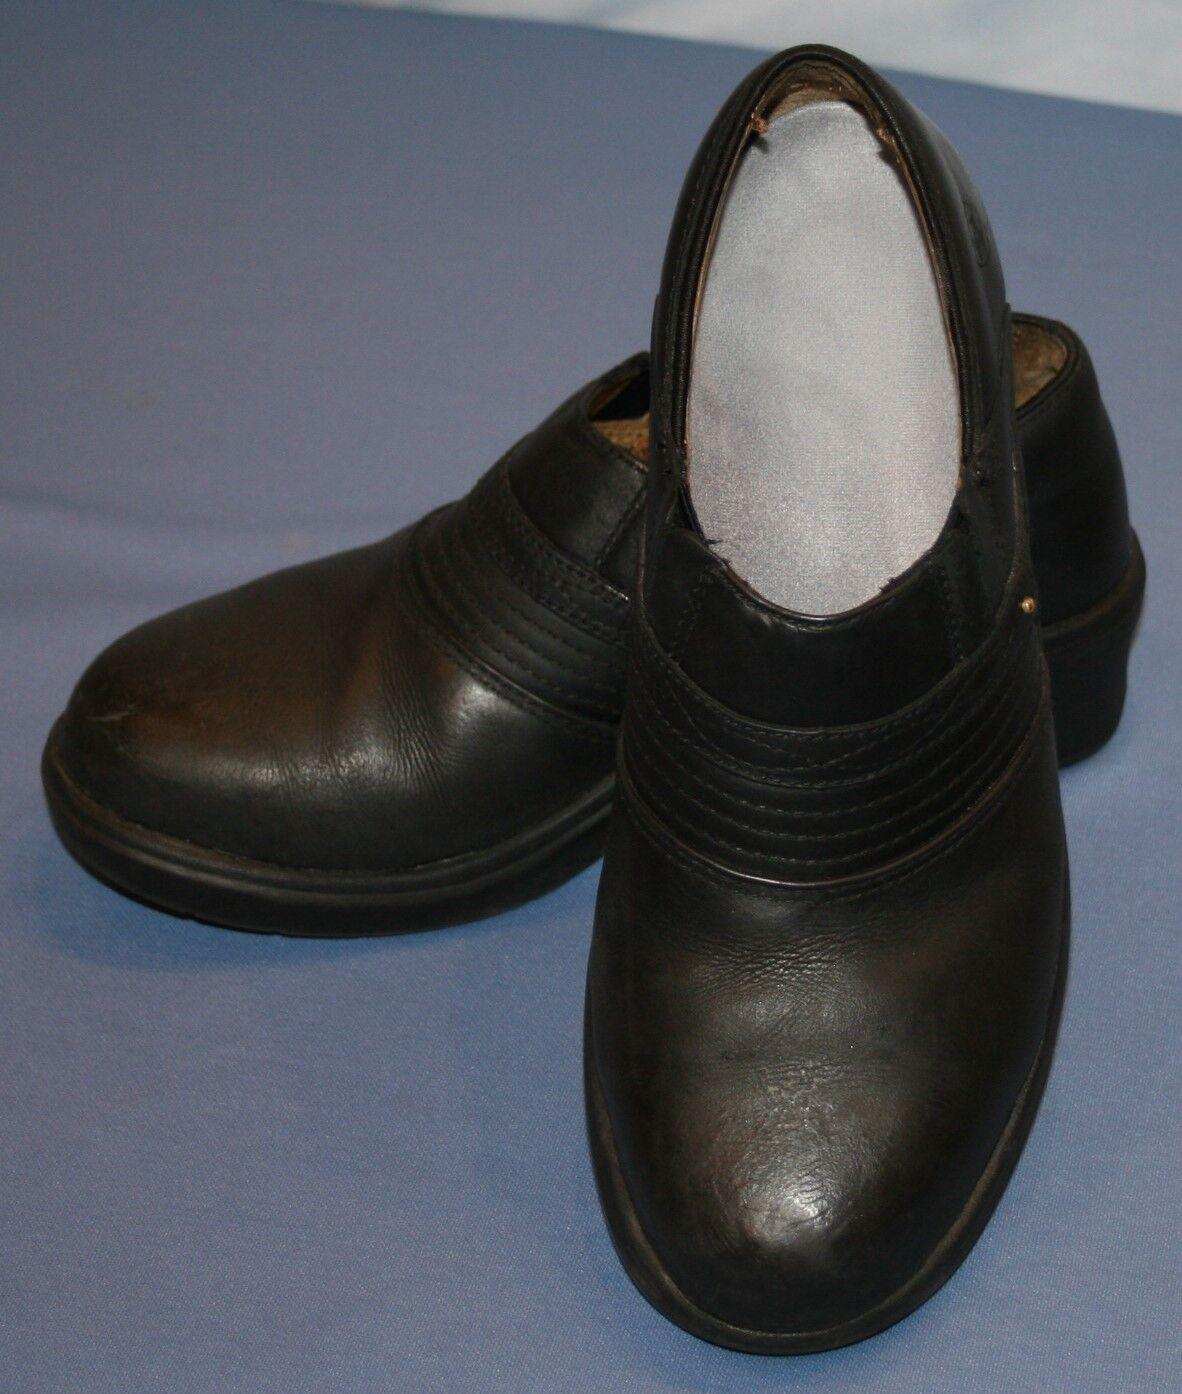 Bottes femme noires Ariat Acier Orteil Chaussures Bottes SZ 6B Sabots Chaussures Antidérapant